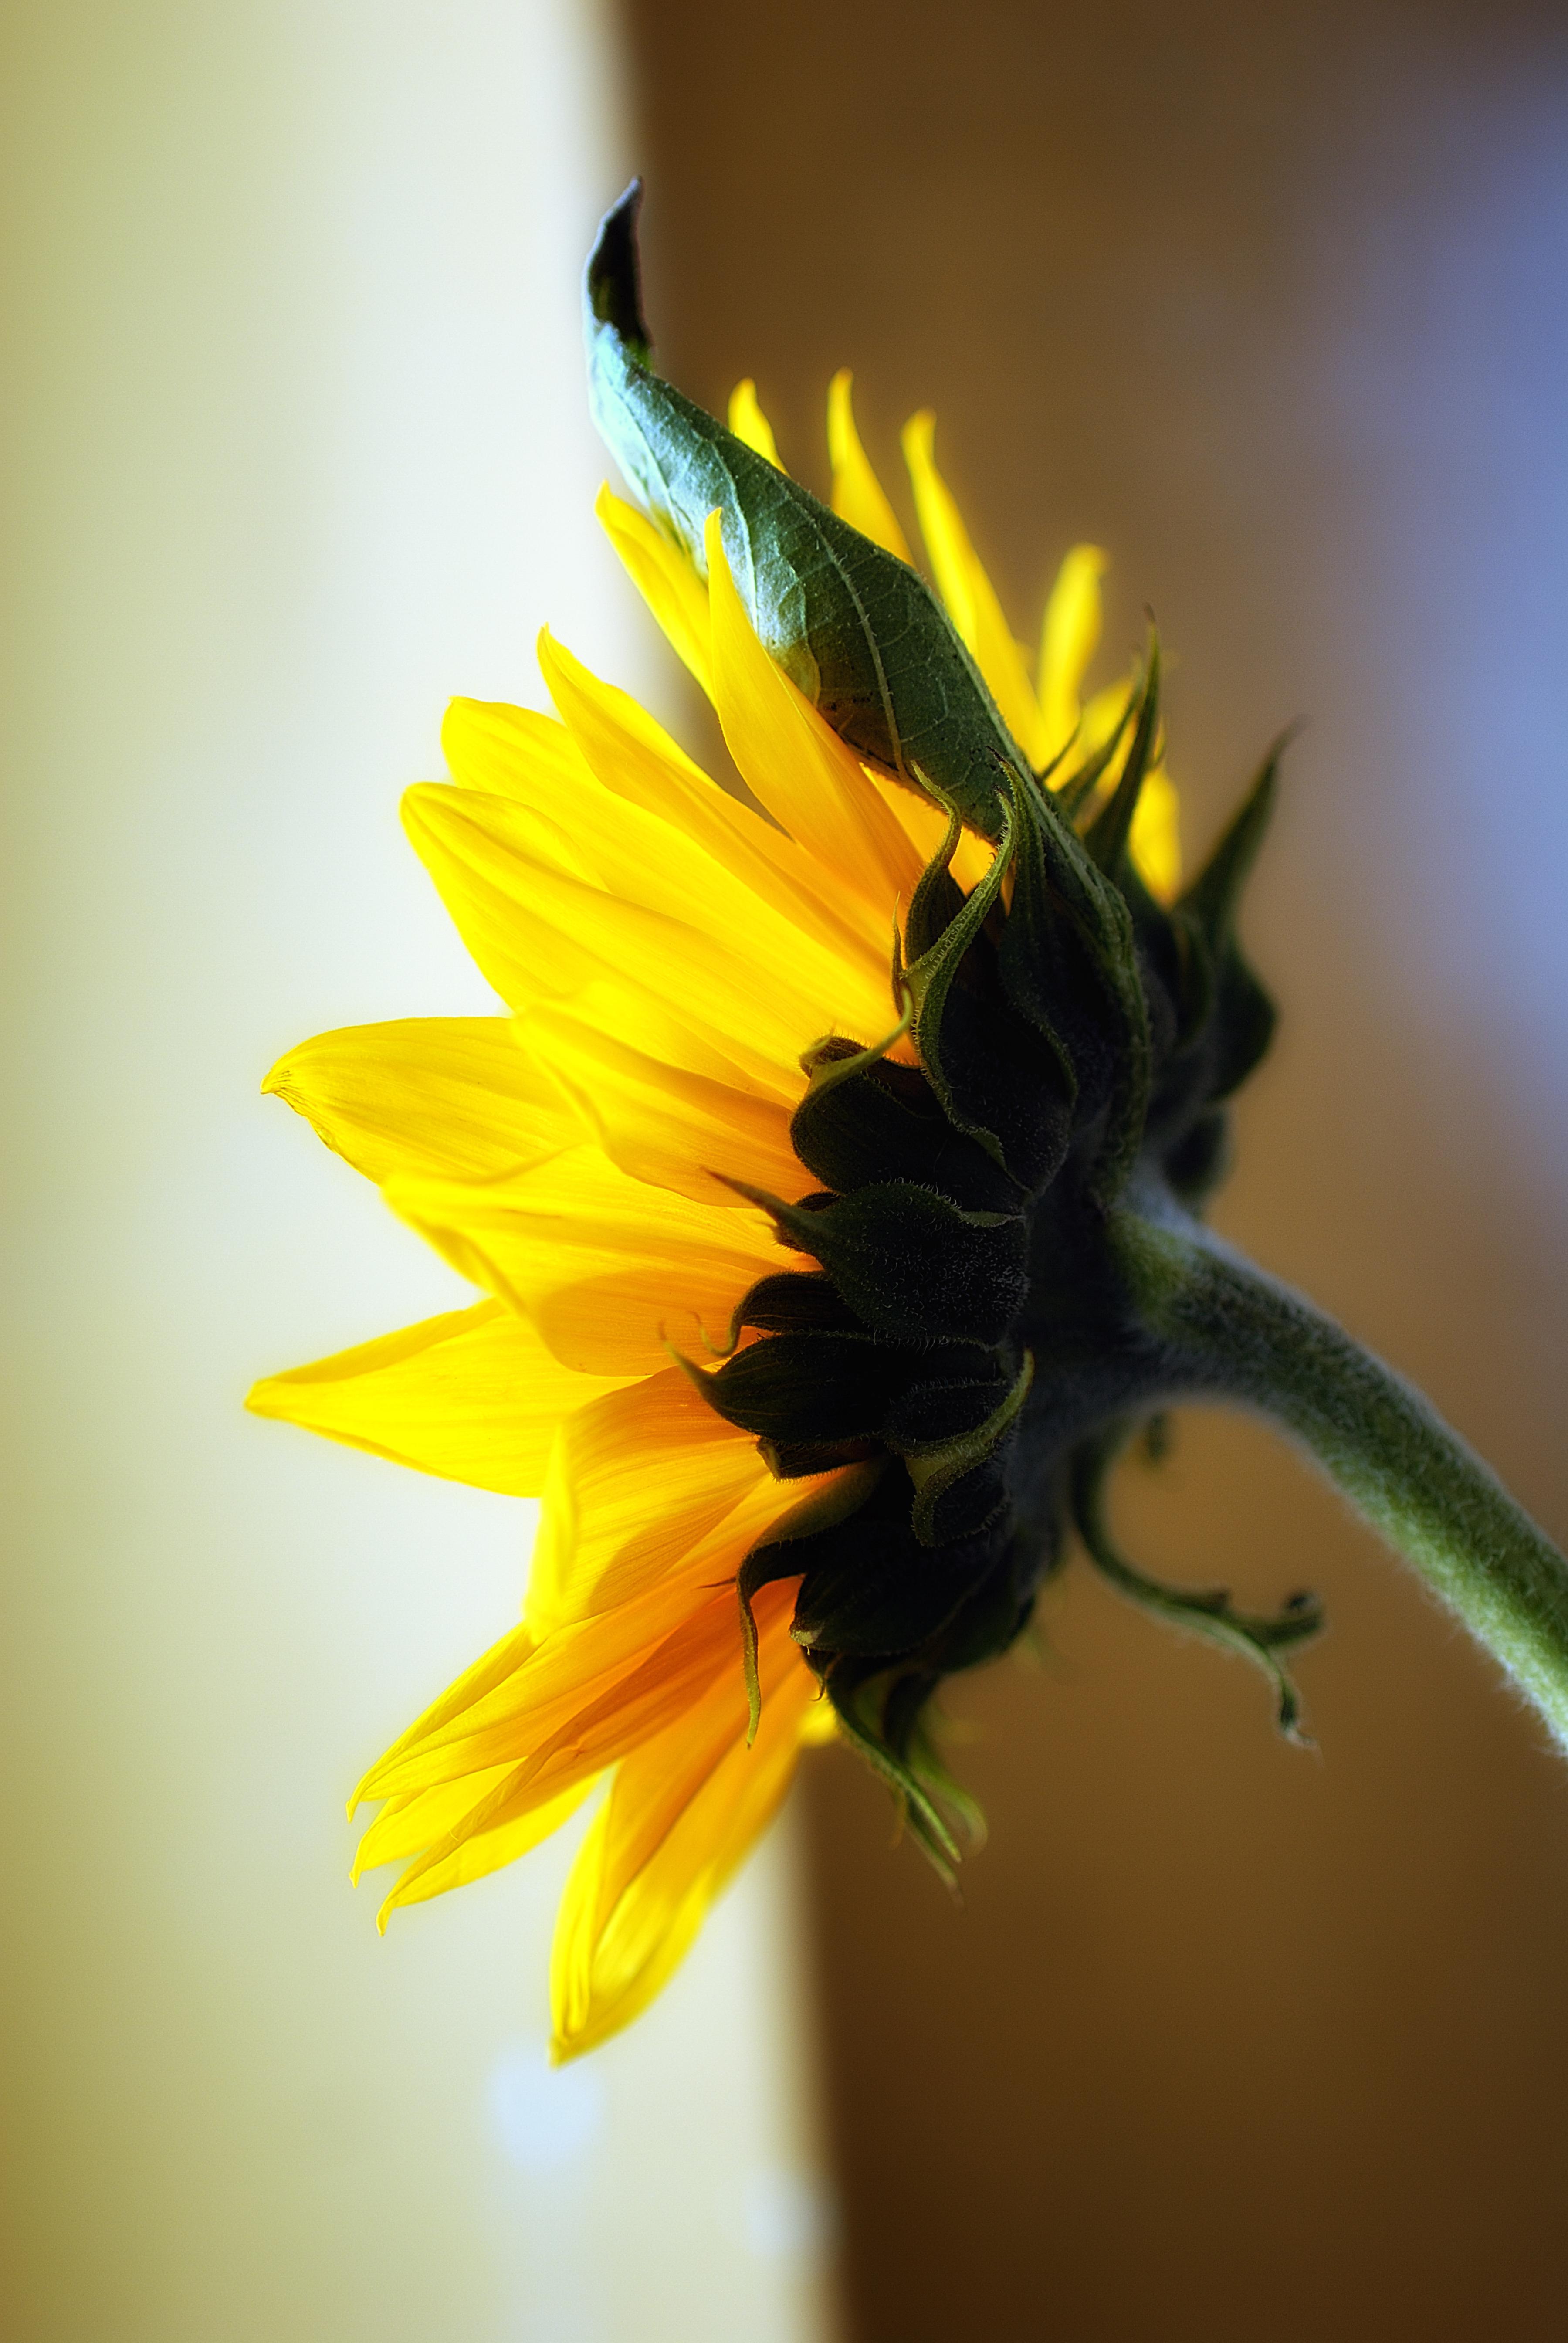 sunflowers_94